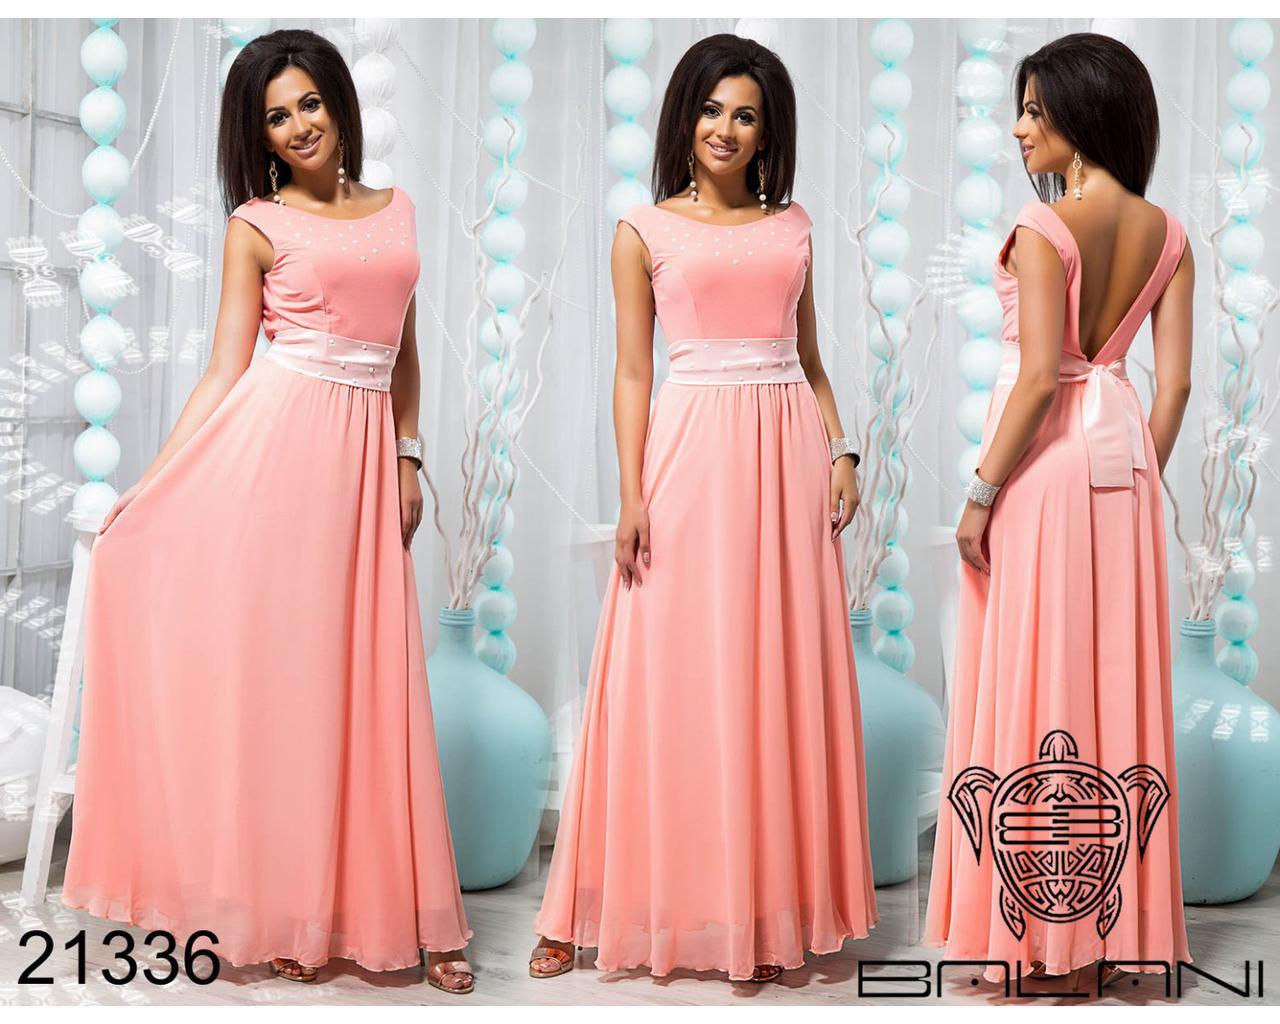 b39a74124c6 Вечернее платье с открытой спиной купить недорого Производитель Украина  интернет-магазин Россия СНГ р.